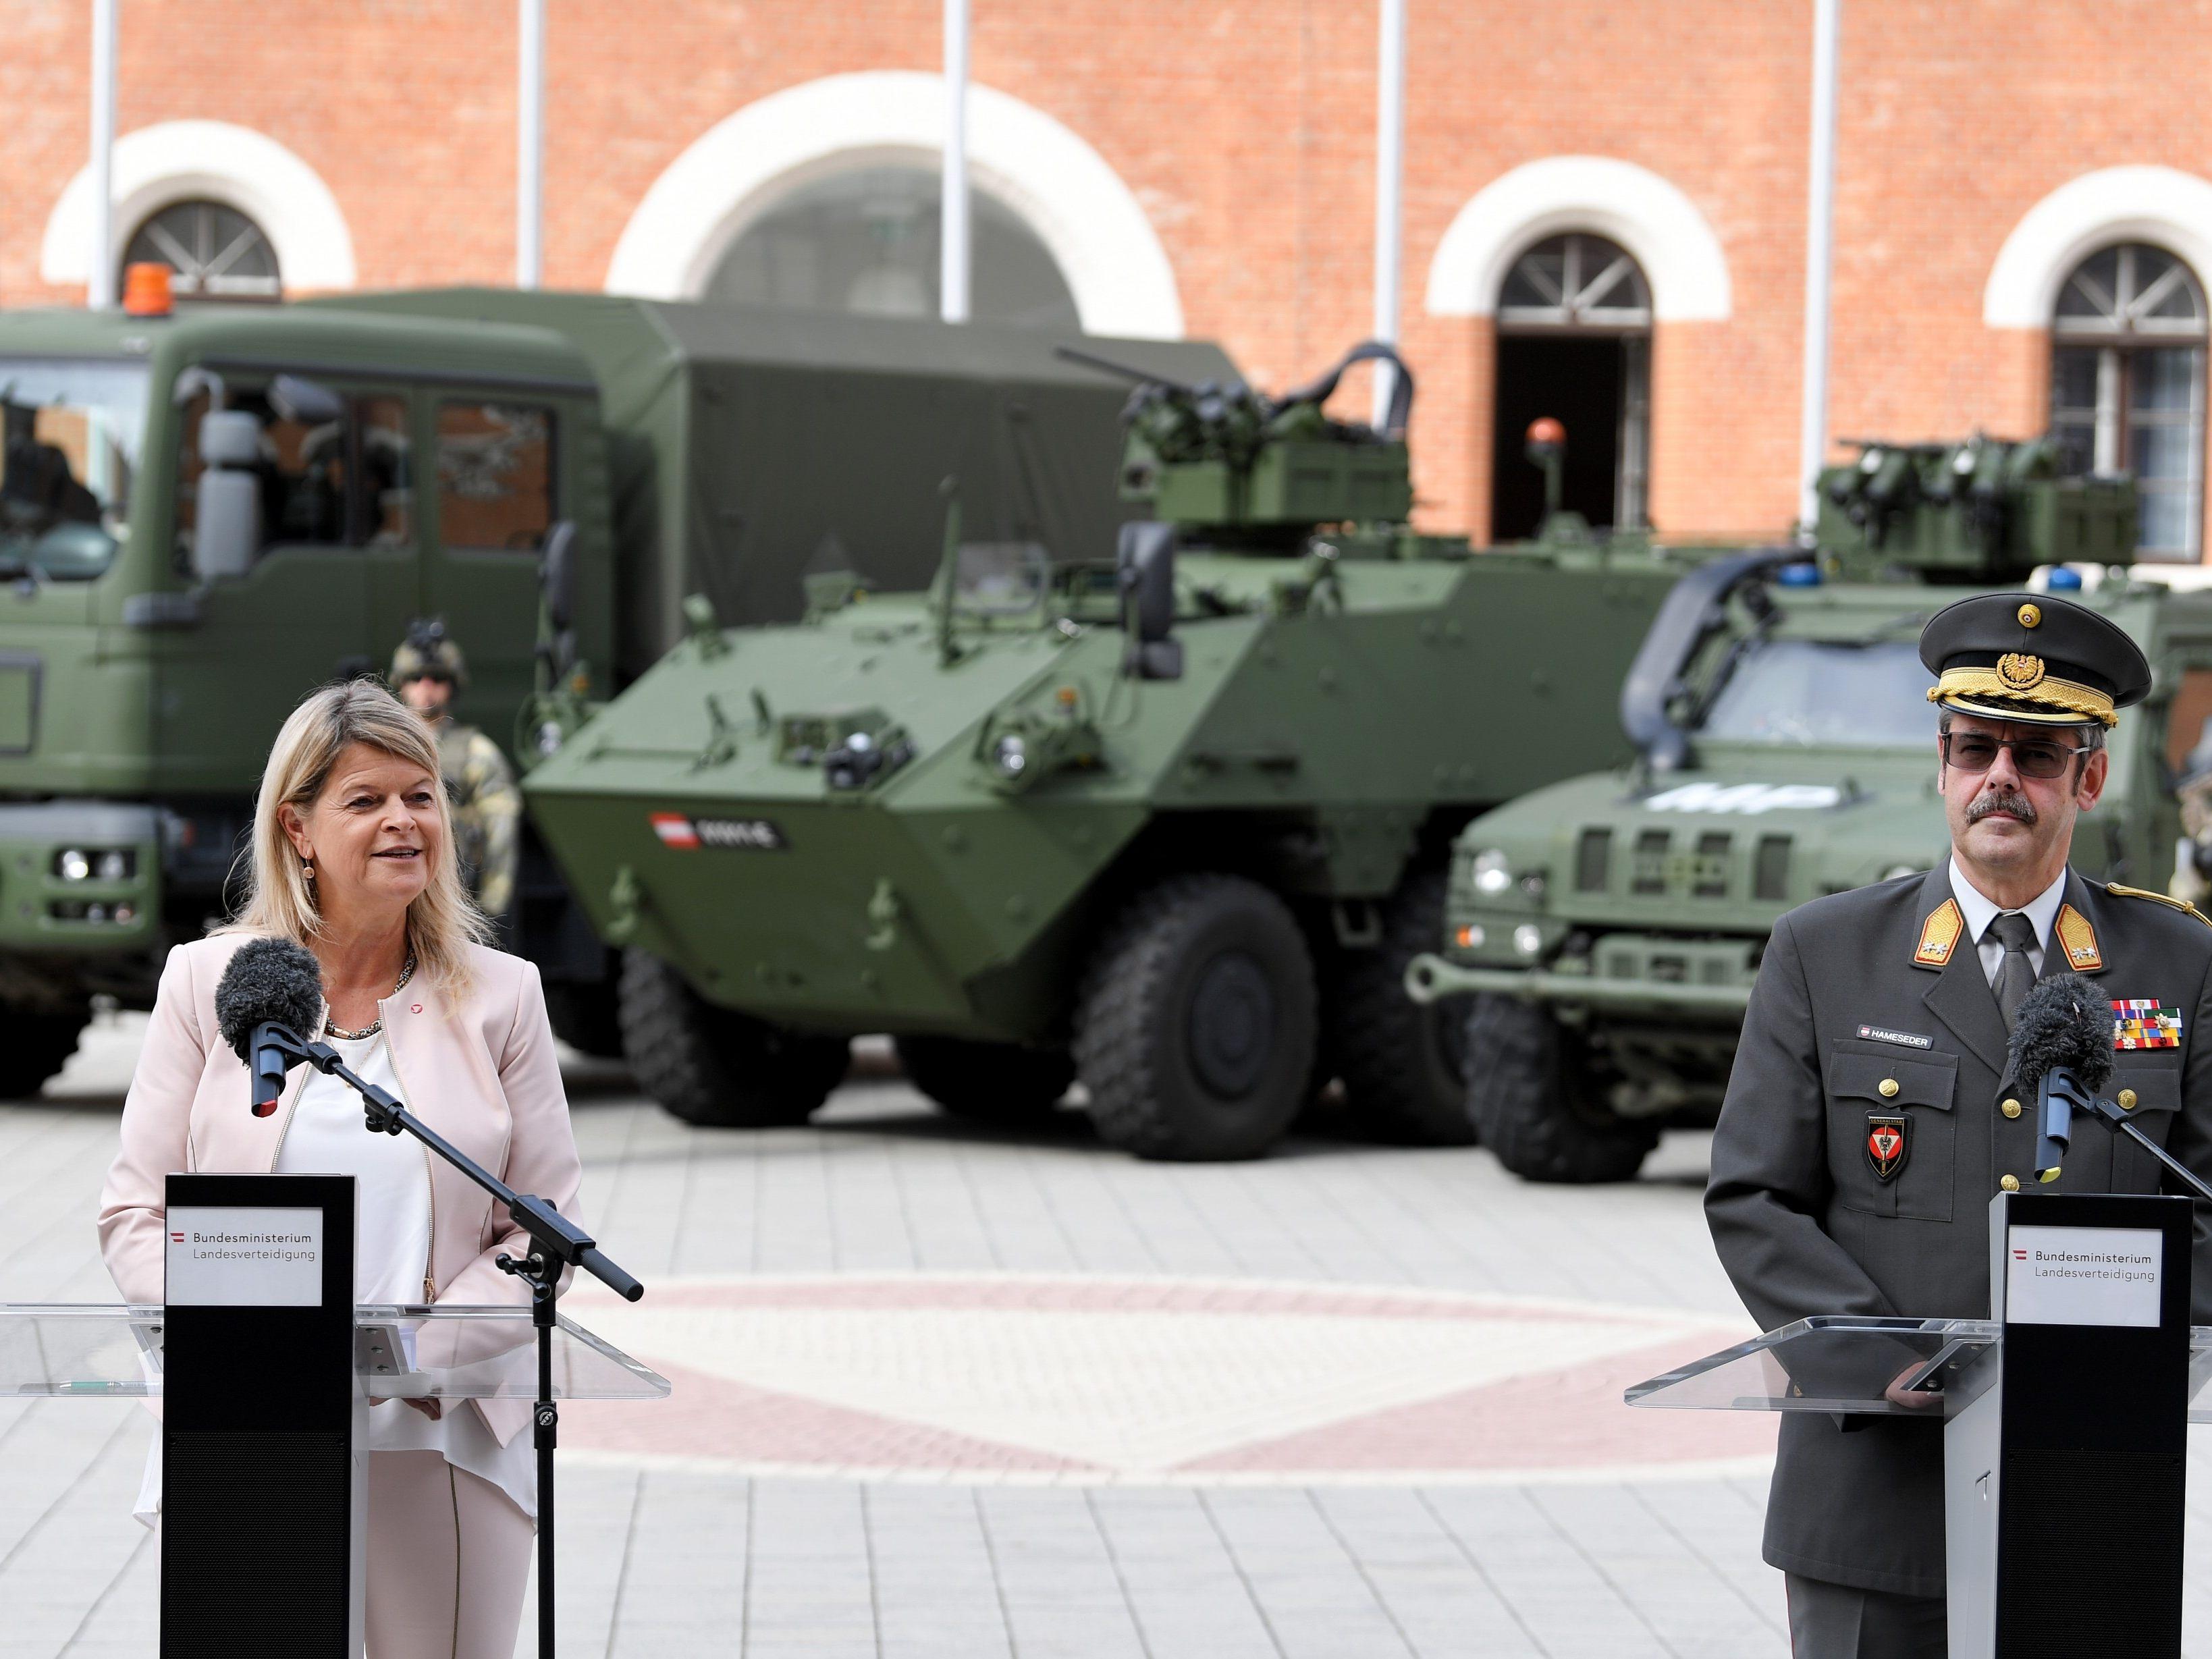 Investitionen in Höhe von 200 Mio. Euro: Miliz bekommt neue ...